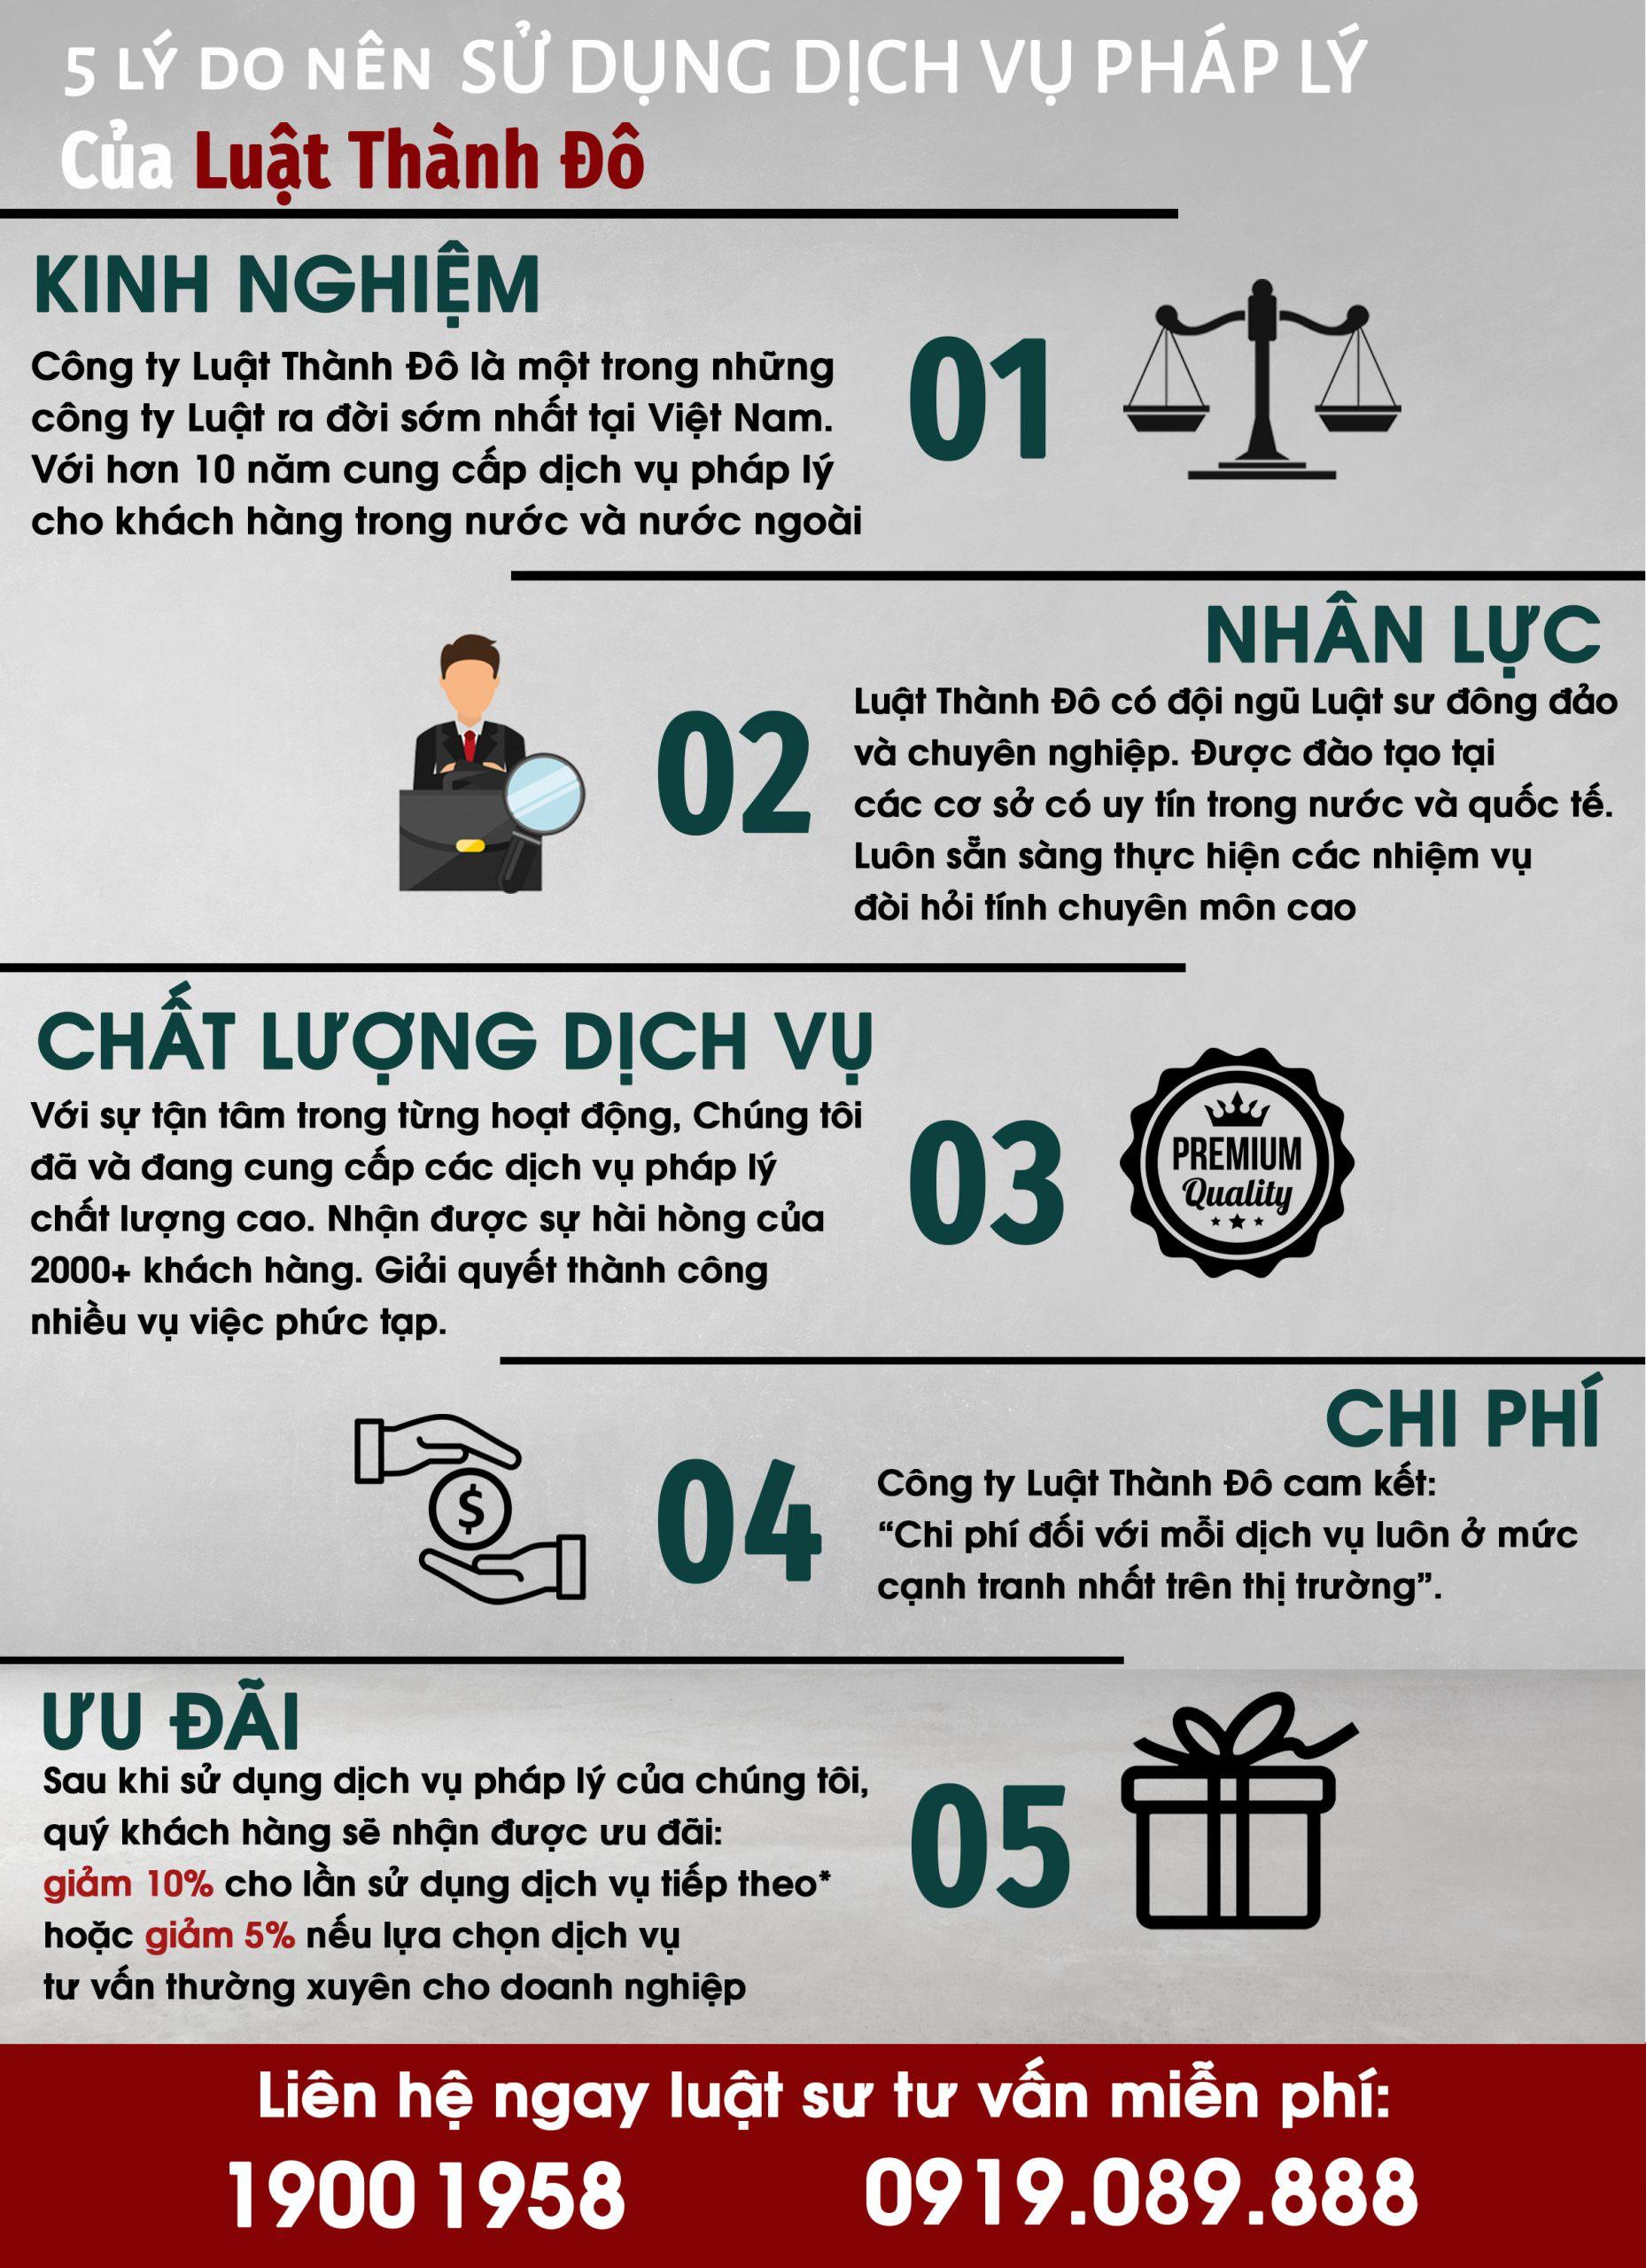 5 lý do nên sử dụng dịch vụ của luật thành đô